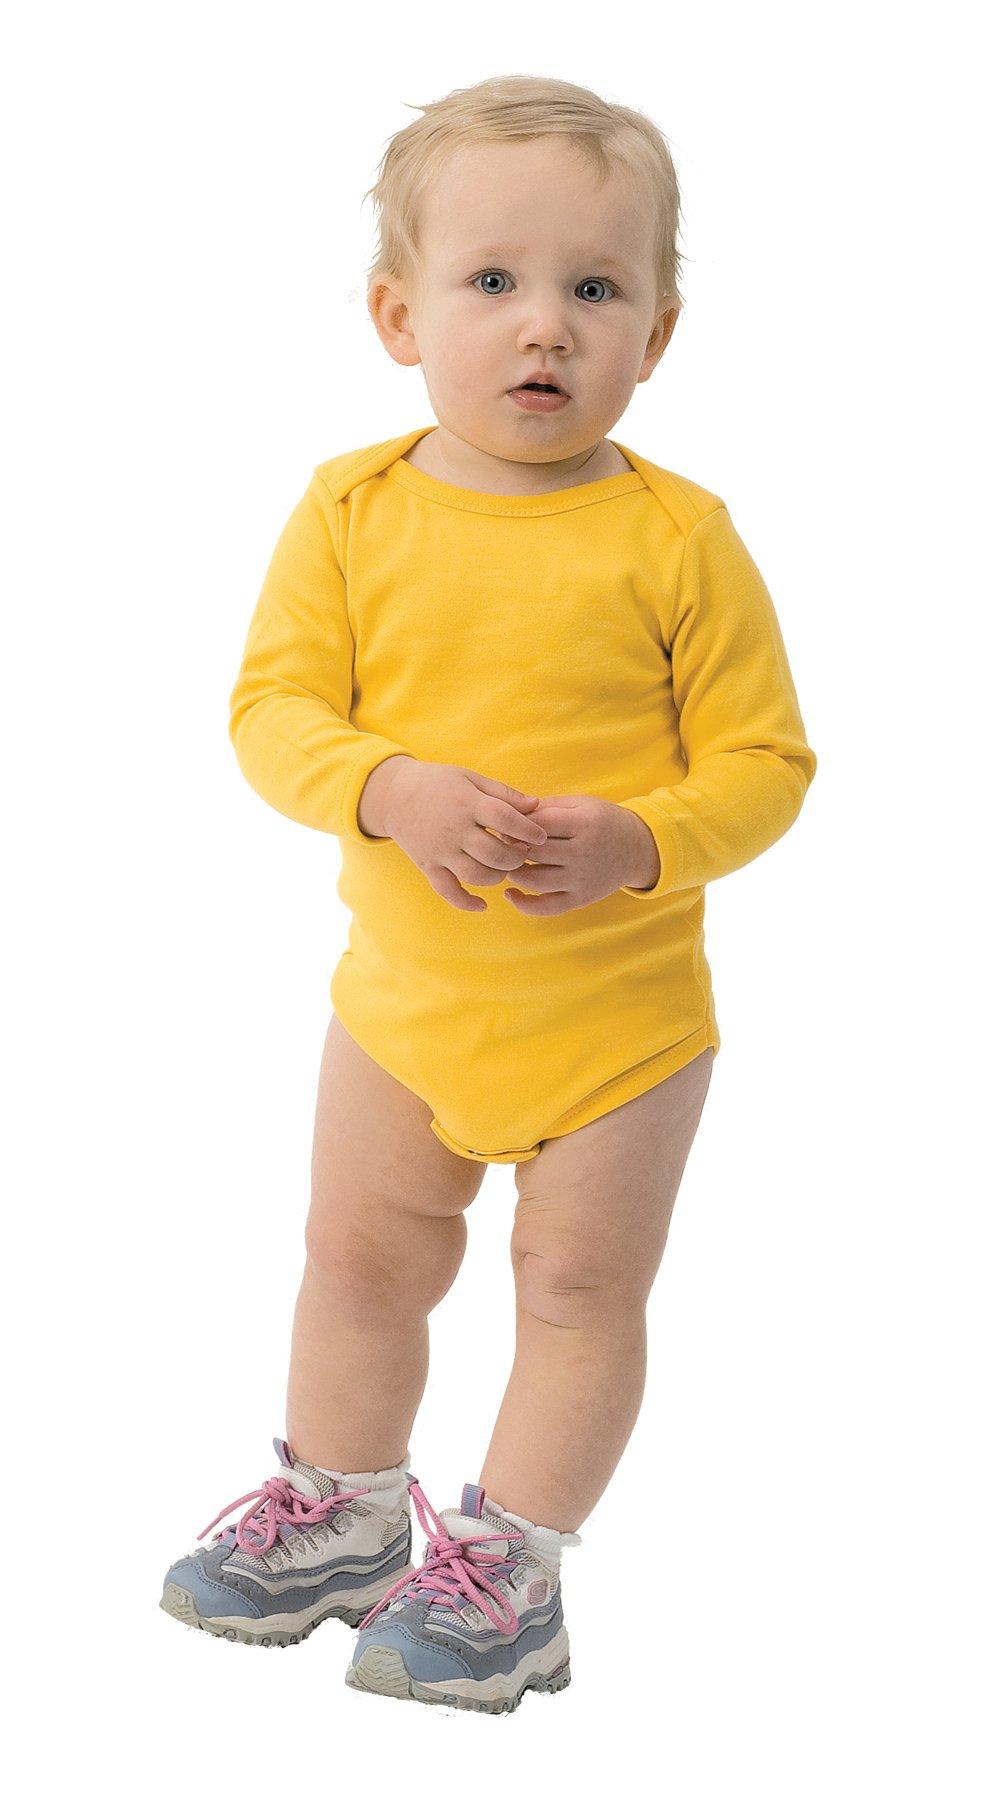 Monag Yellow Long Sleeve Bodysuit 6-12M Yellow